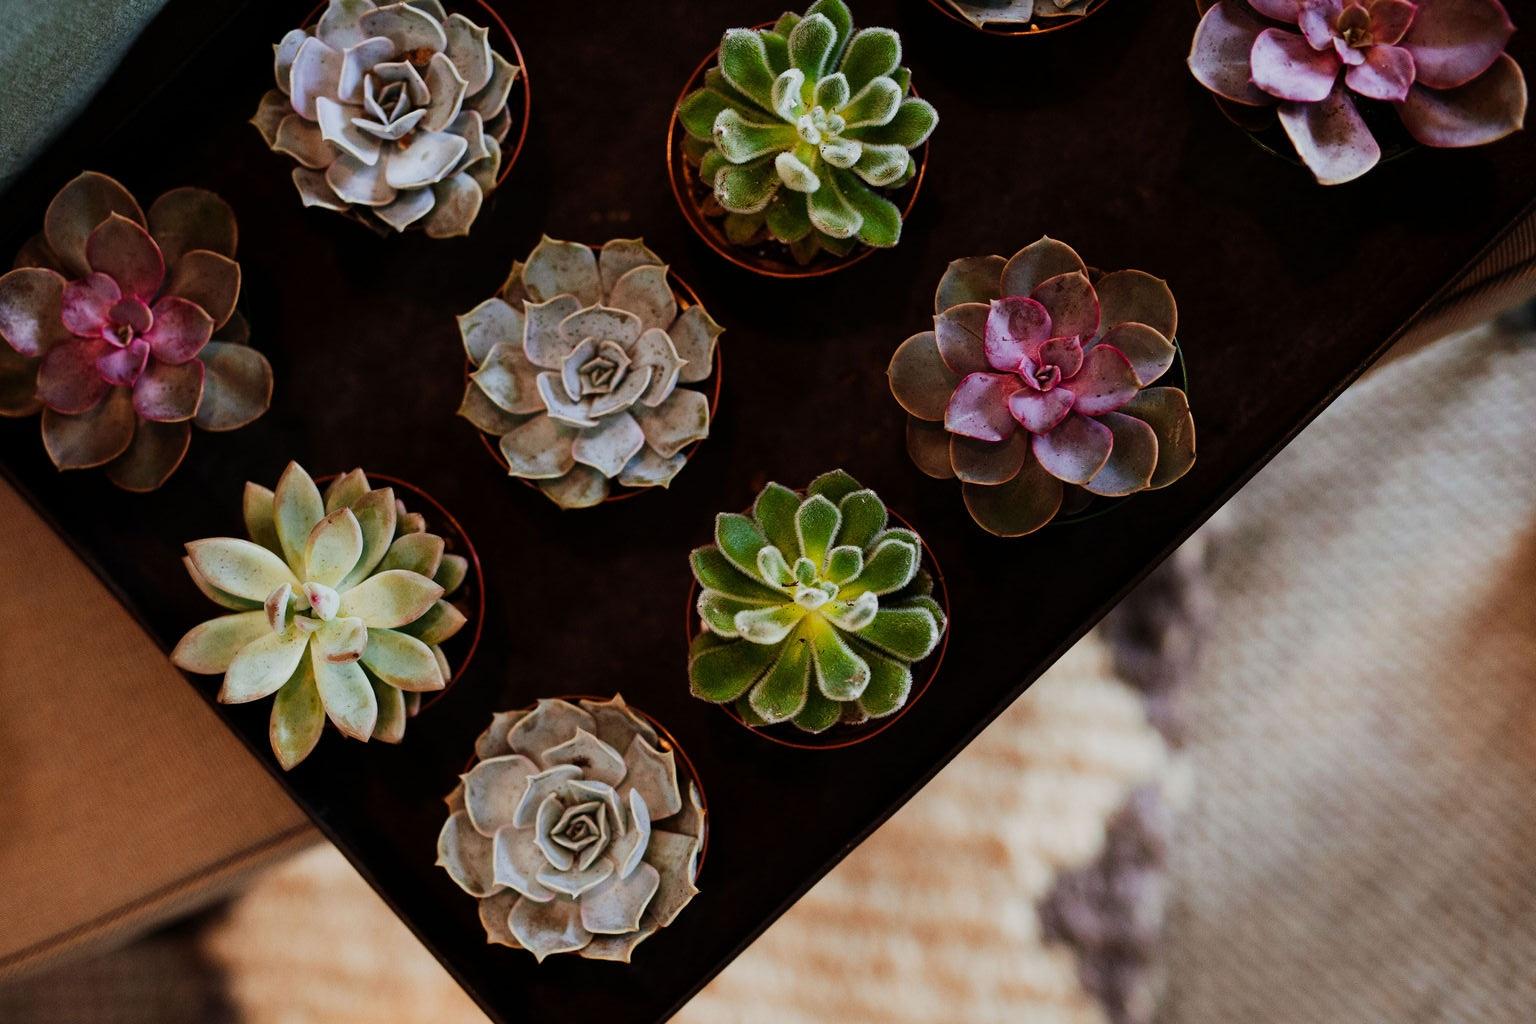 mahonialouisvillekentuckyplantshopfloraldesigncrystalludwickphoto(63of191).jpg